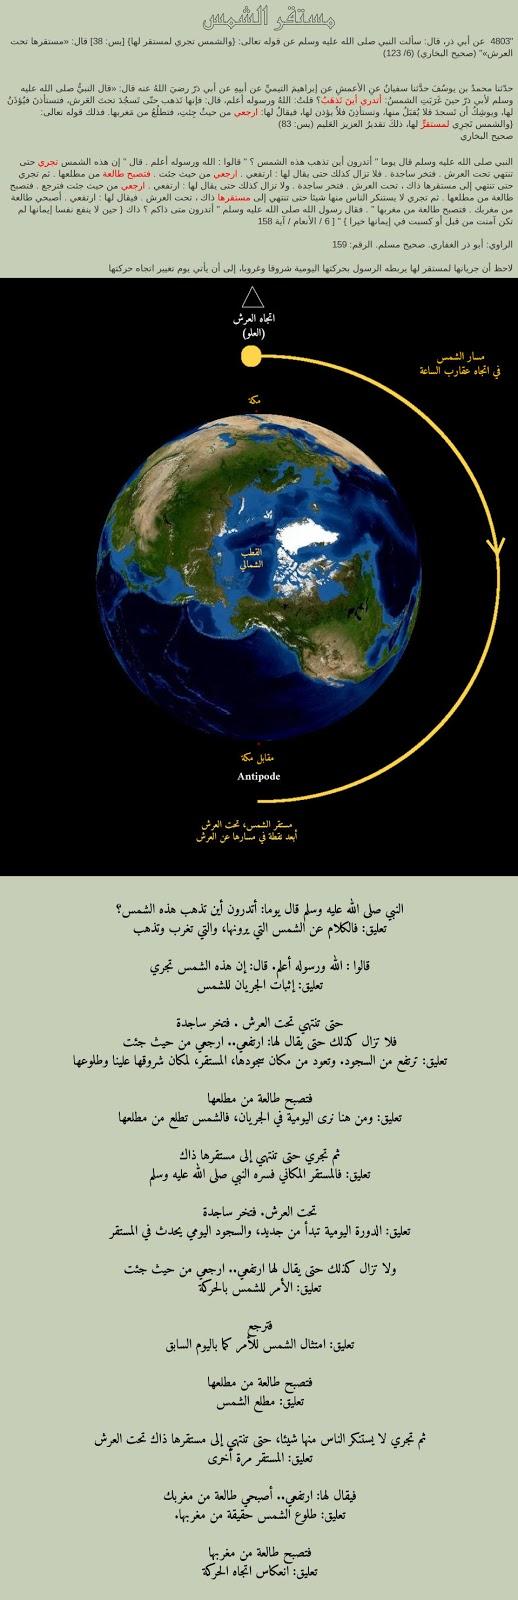 سلامة Salama: في مسألة دوران الأرض